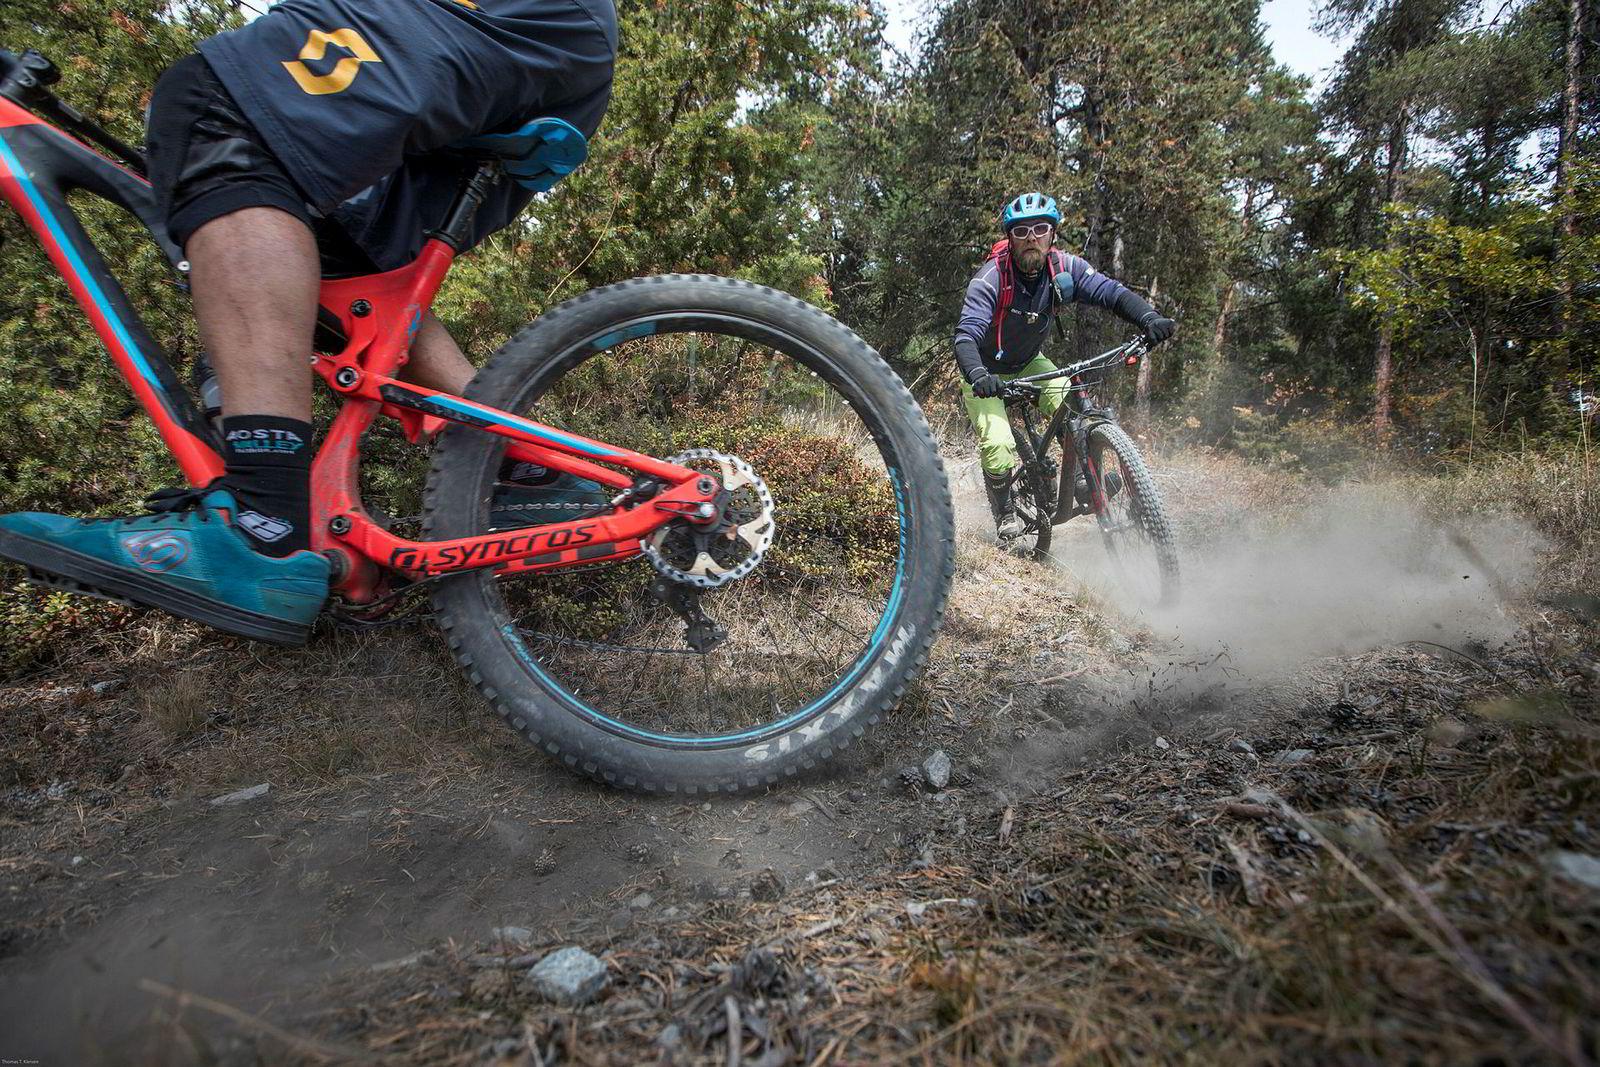 Sykkelguide Fabrizio Charruaz viser vei nedover svingete stier mens Bjørn Jarle Kvande følger hakk i hæl. Med rett sykkelutstyr går det lekende lett å sykle på krevende stier.